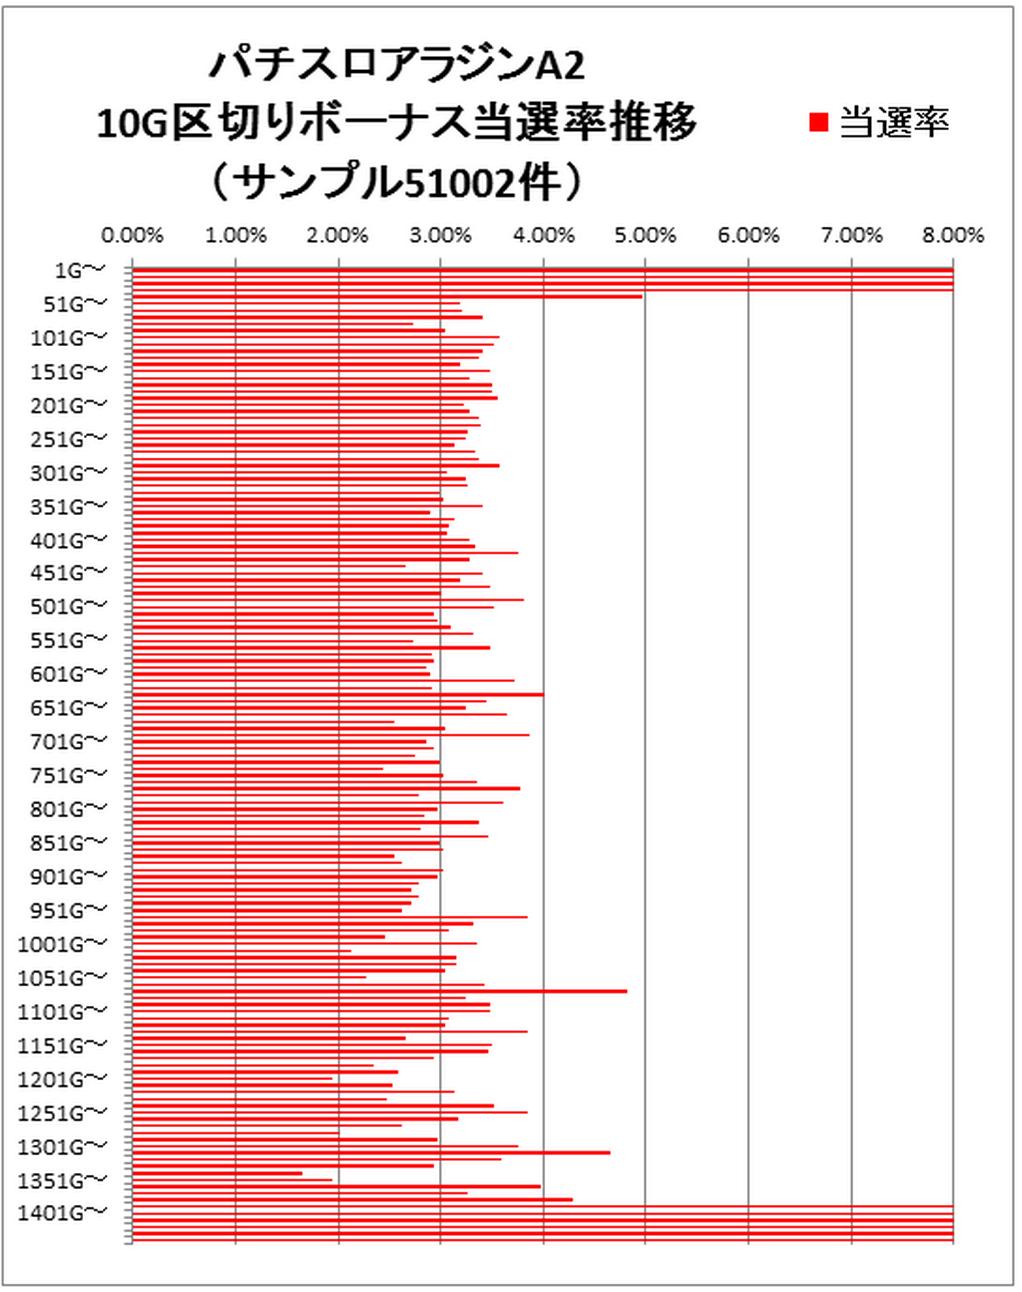 スクリーンショット 2015-02-17 10.49.34